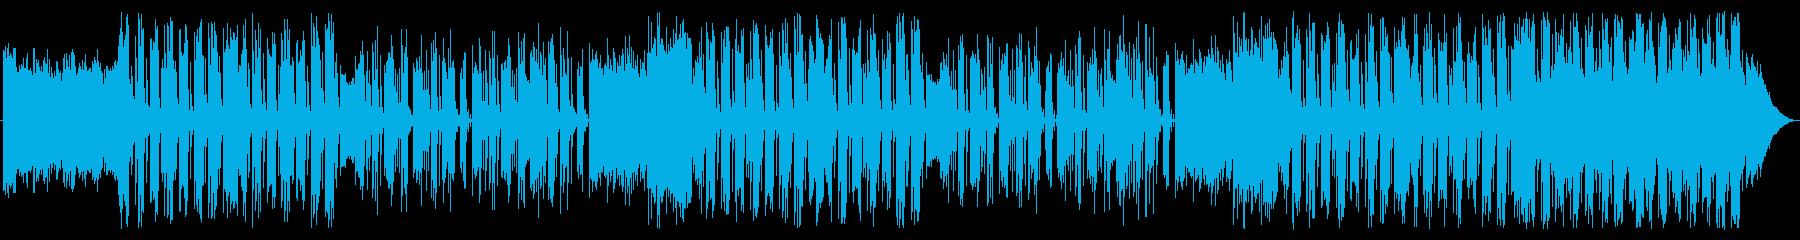 メロディアスで風格ある和風エレクトロの再生済みの波形